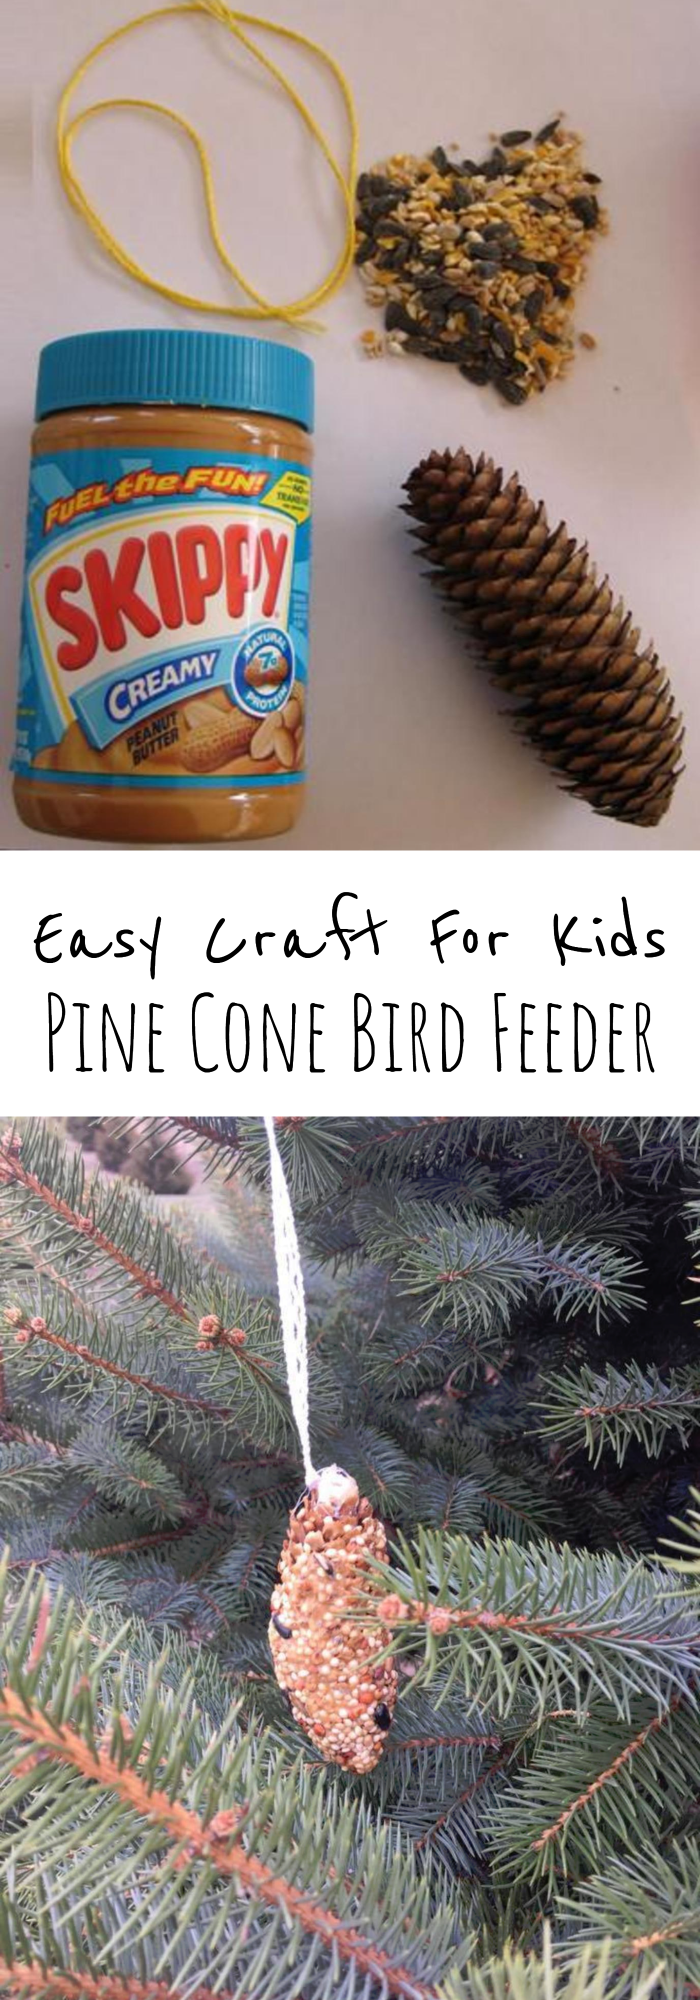 Pine Cone Bird Feeder Craft For Kids